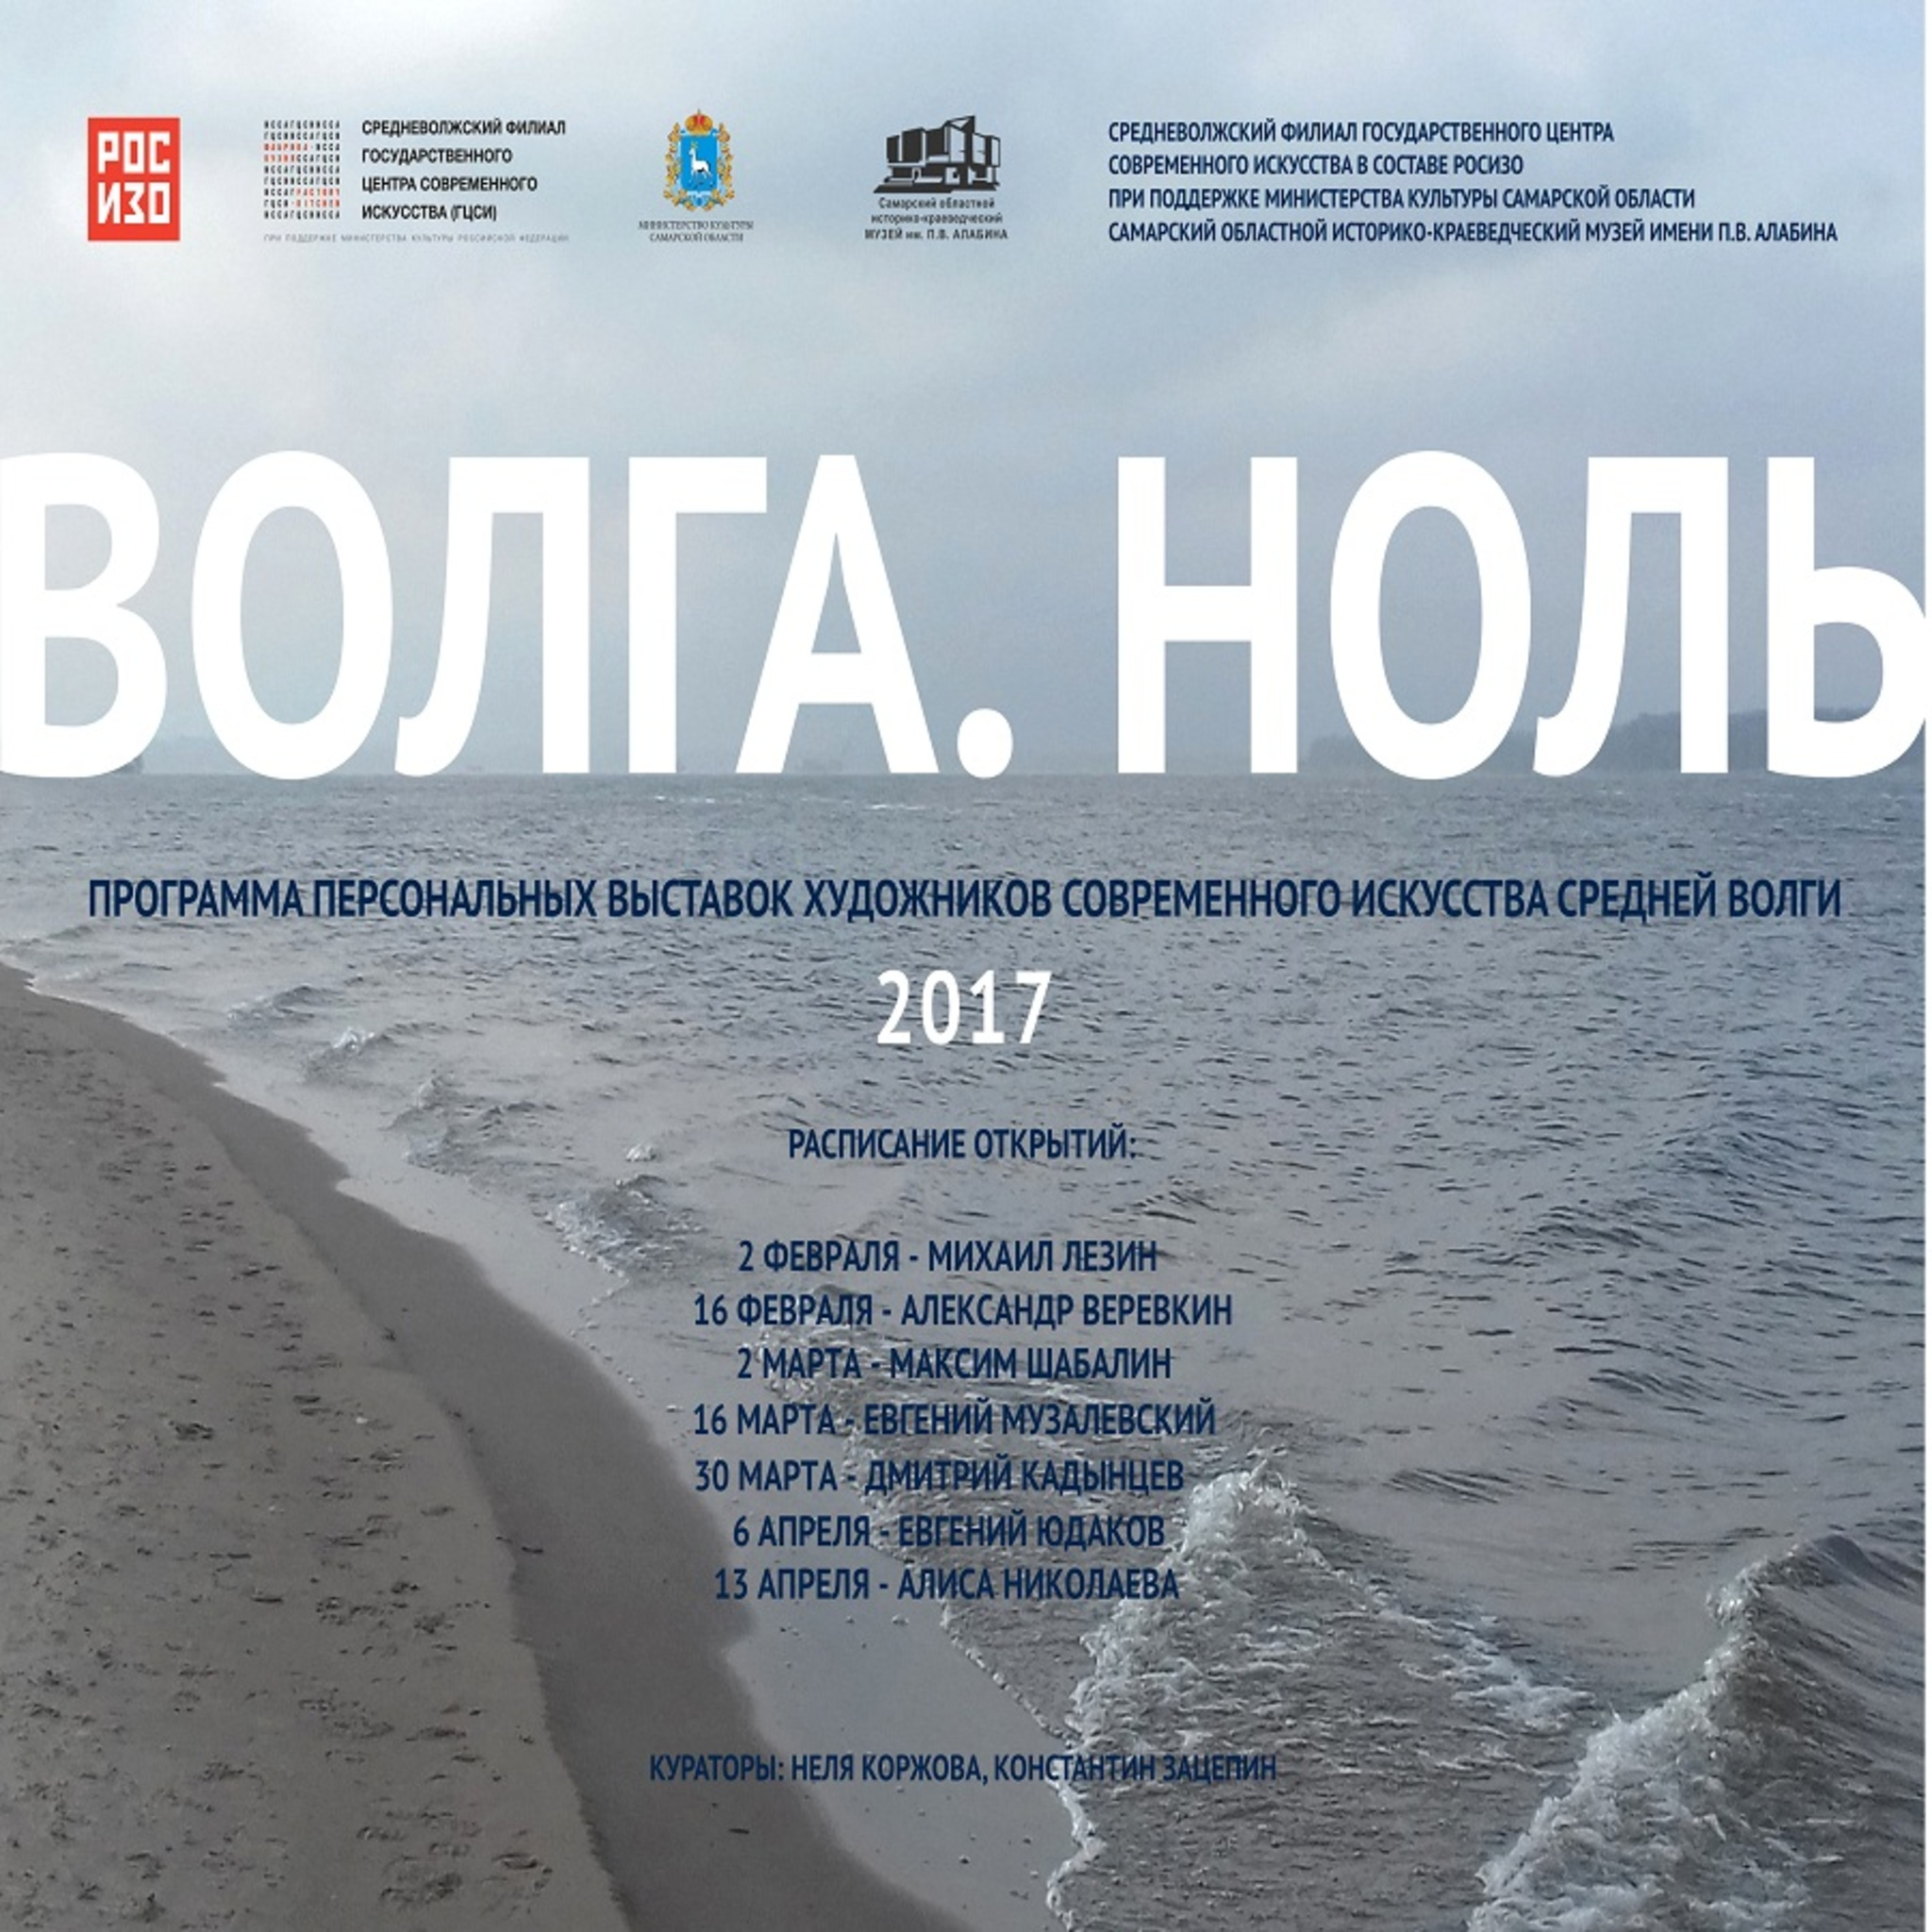 The exhibition Volga. ZERO